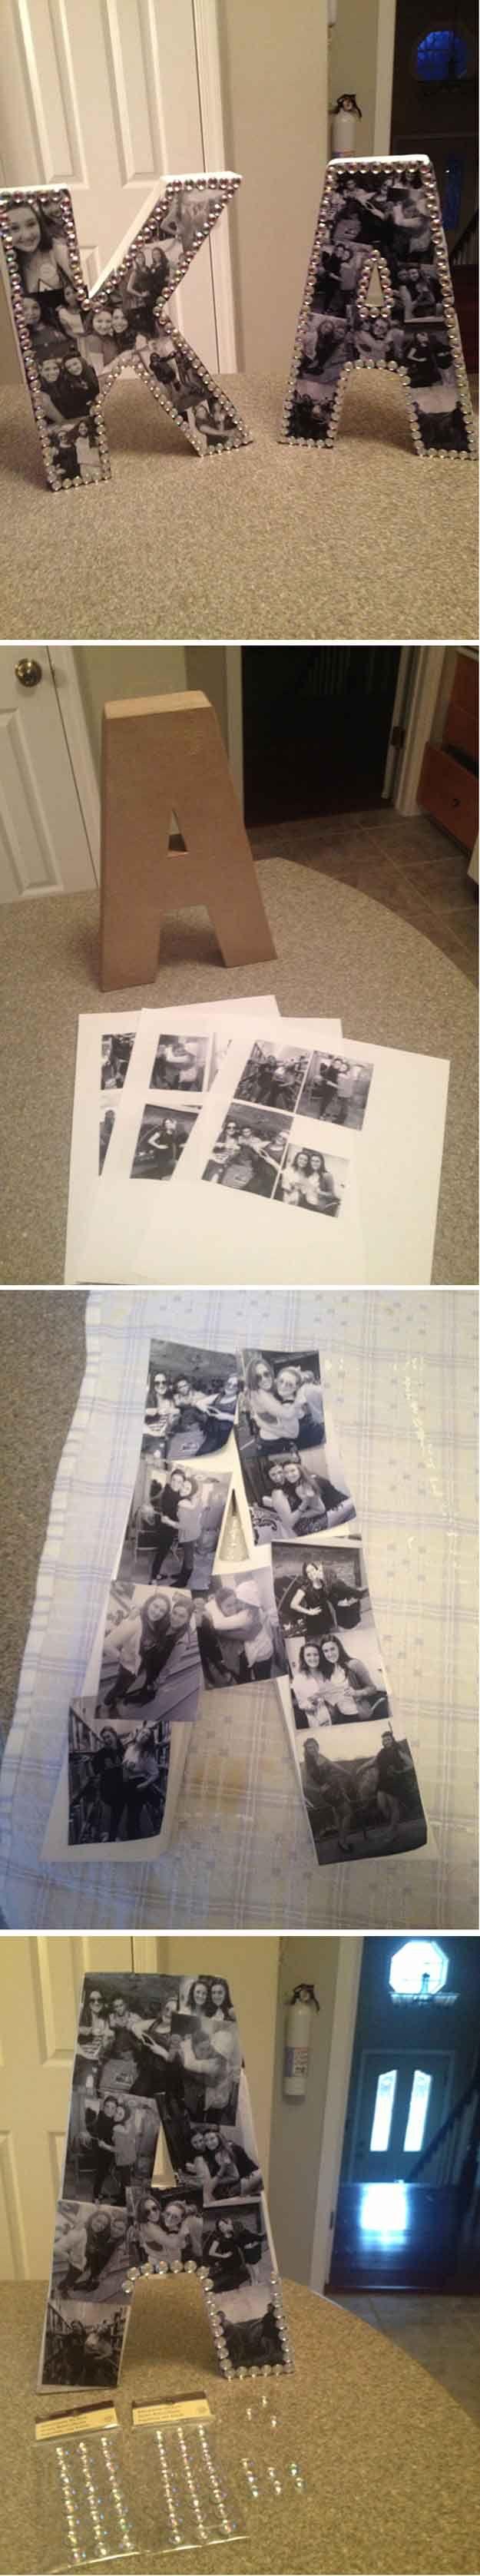 Frescos de bricolaje de fotos Decoración Ideas para Adolescentes Habitación Chicas | http://artesaniasdebricolaje.ru/easy-teen-room-decor-ideas-for-girls/